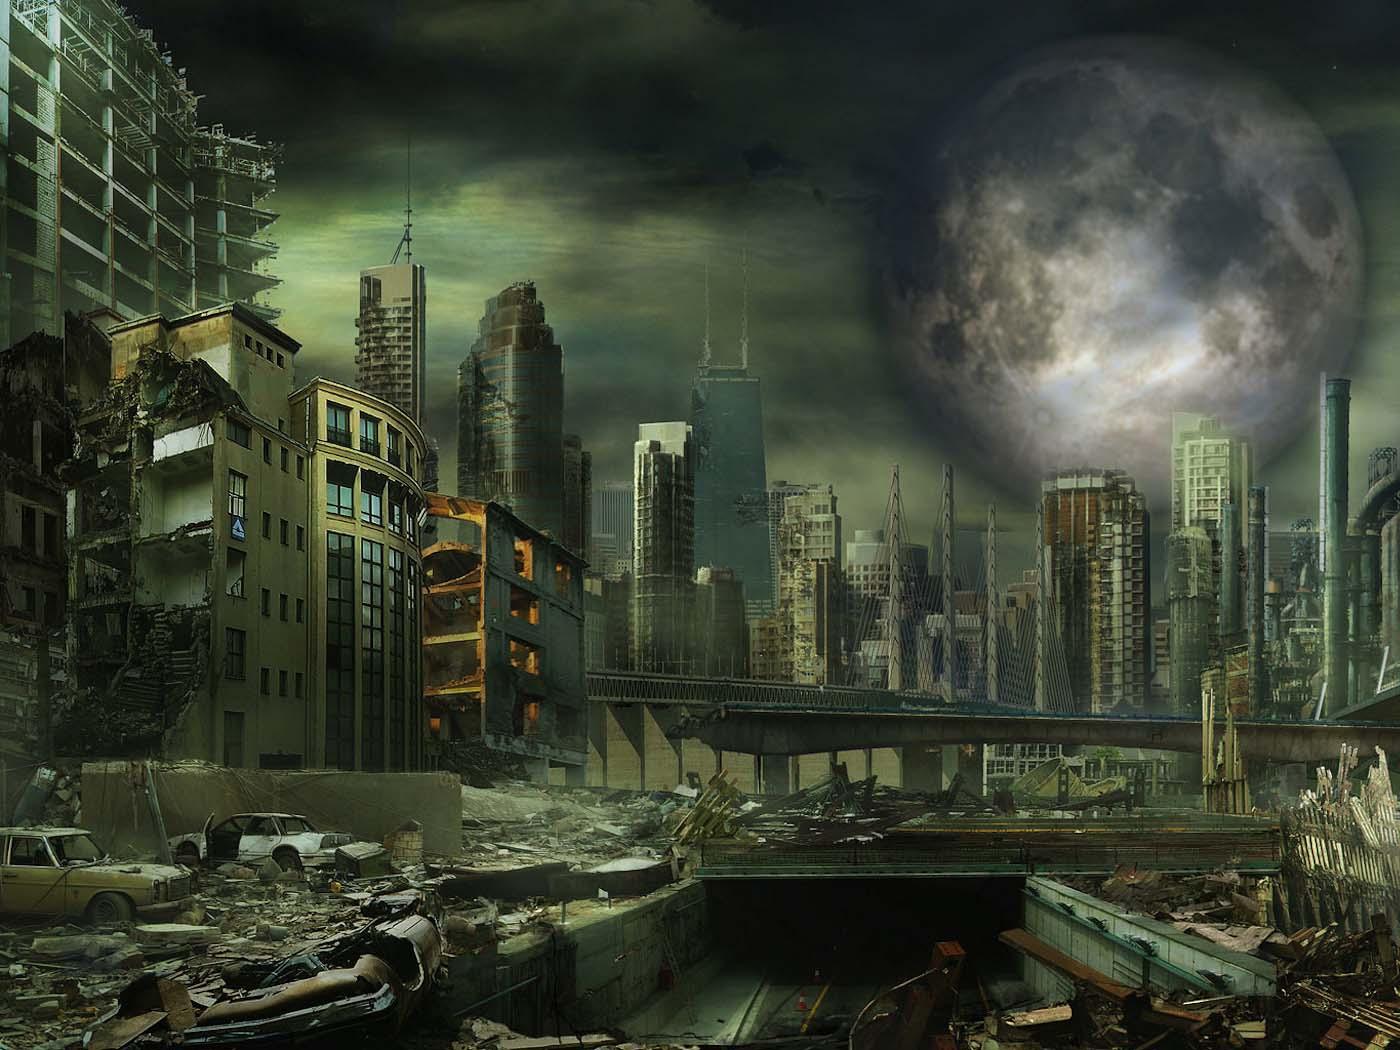 La Superluna del 23 de junio puede desencadenar graves desastres naturales La Superluna del 23 de junio puede desencadenar graves desastres naturales